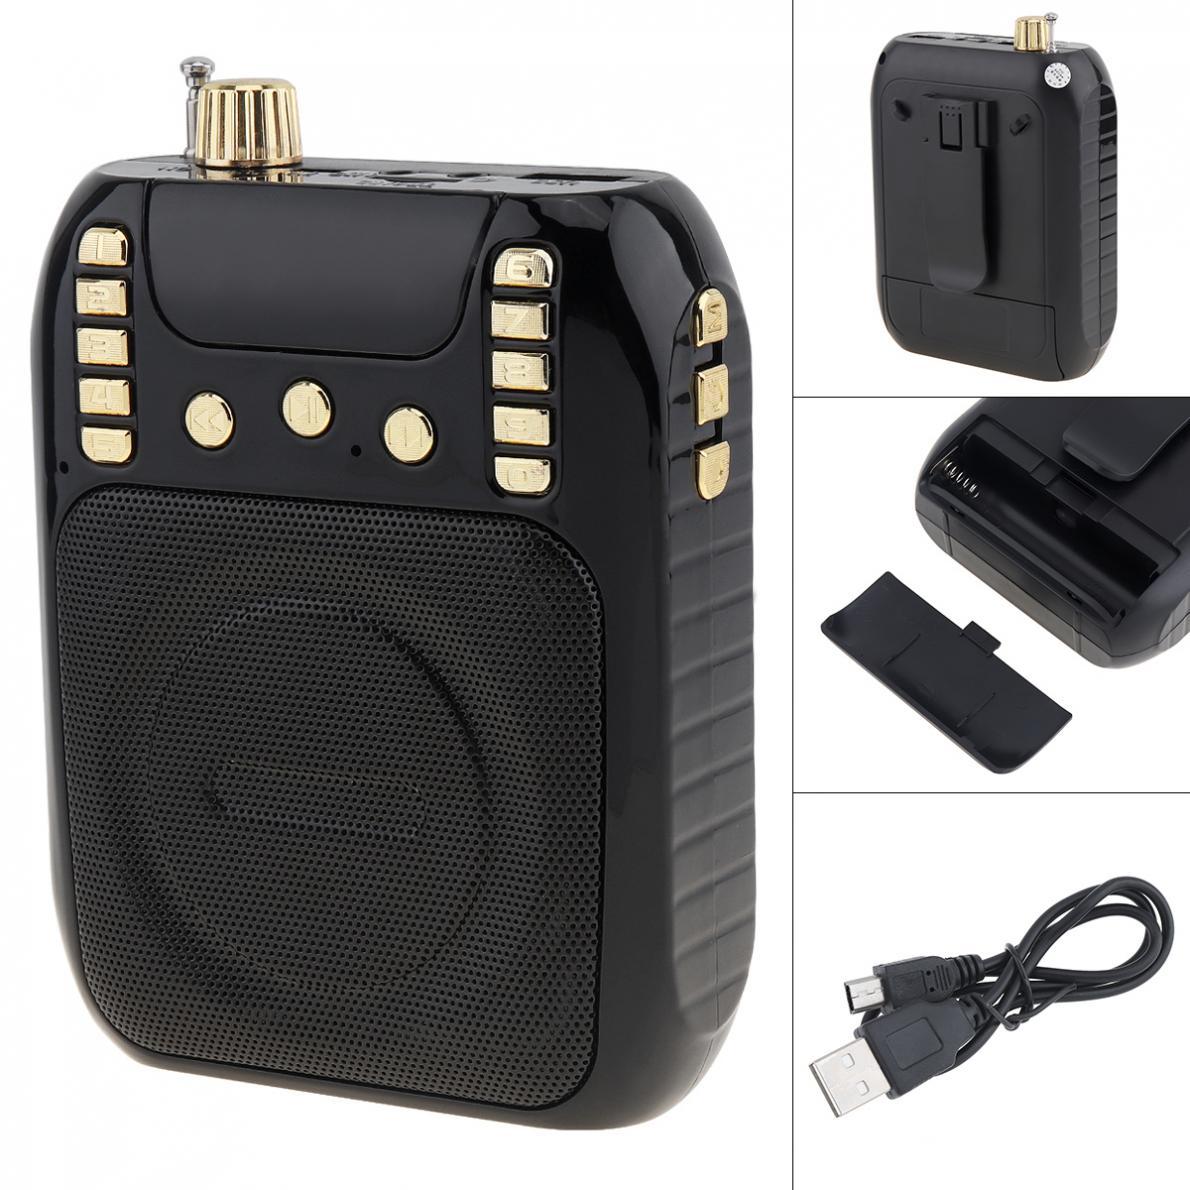 T506 портативное радио мини аудио карта динамик fm с усилением для инструктора 26939-first-1-l2.jpg